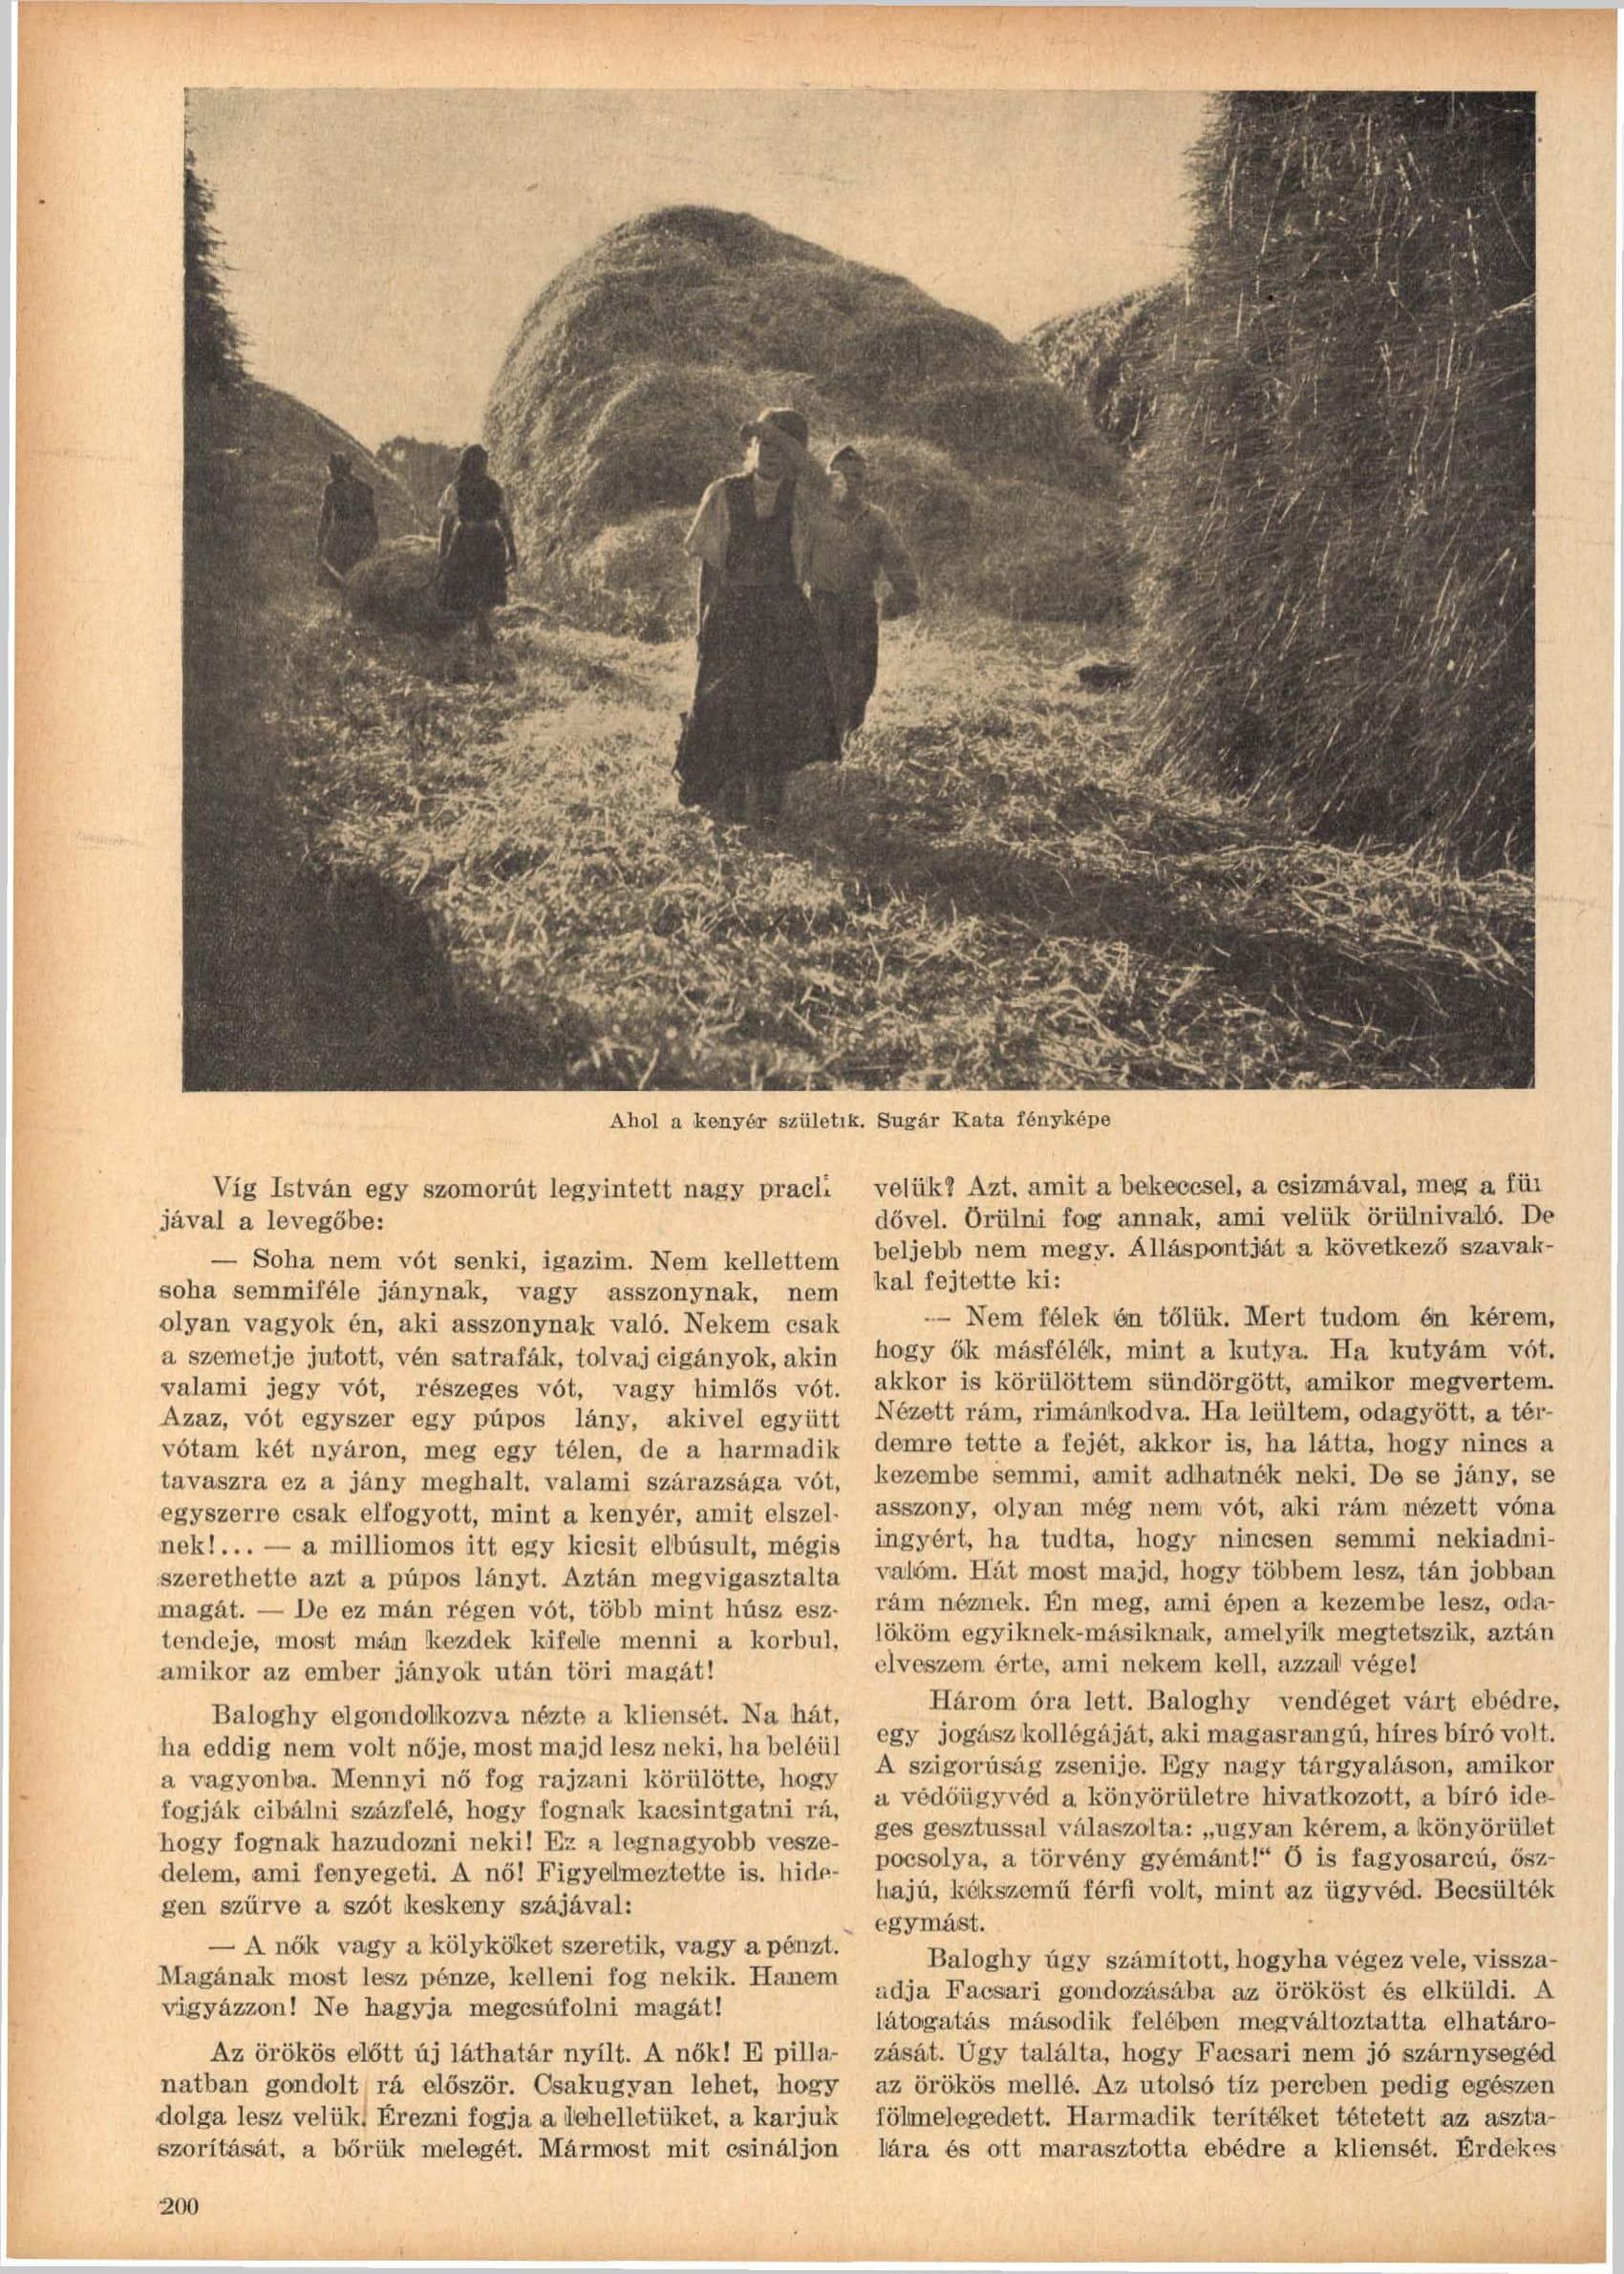 Fotó: Sugár Kata: Ahol a kenyér születik<br />Megjelent: Új Idők, 1941. 2.<br />Forrás: adtplus.arcanum.hu